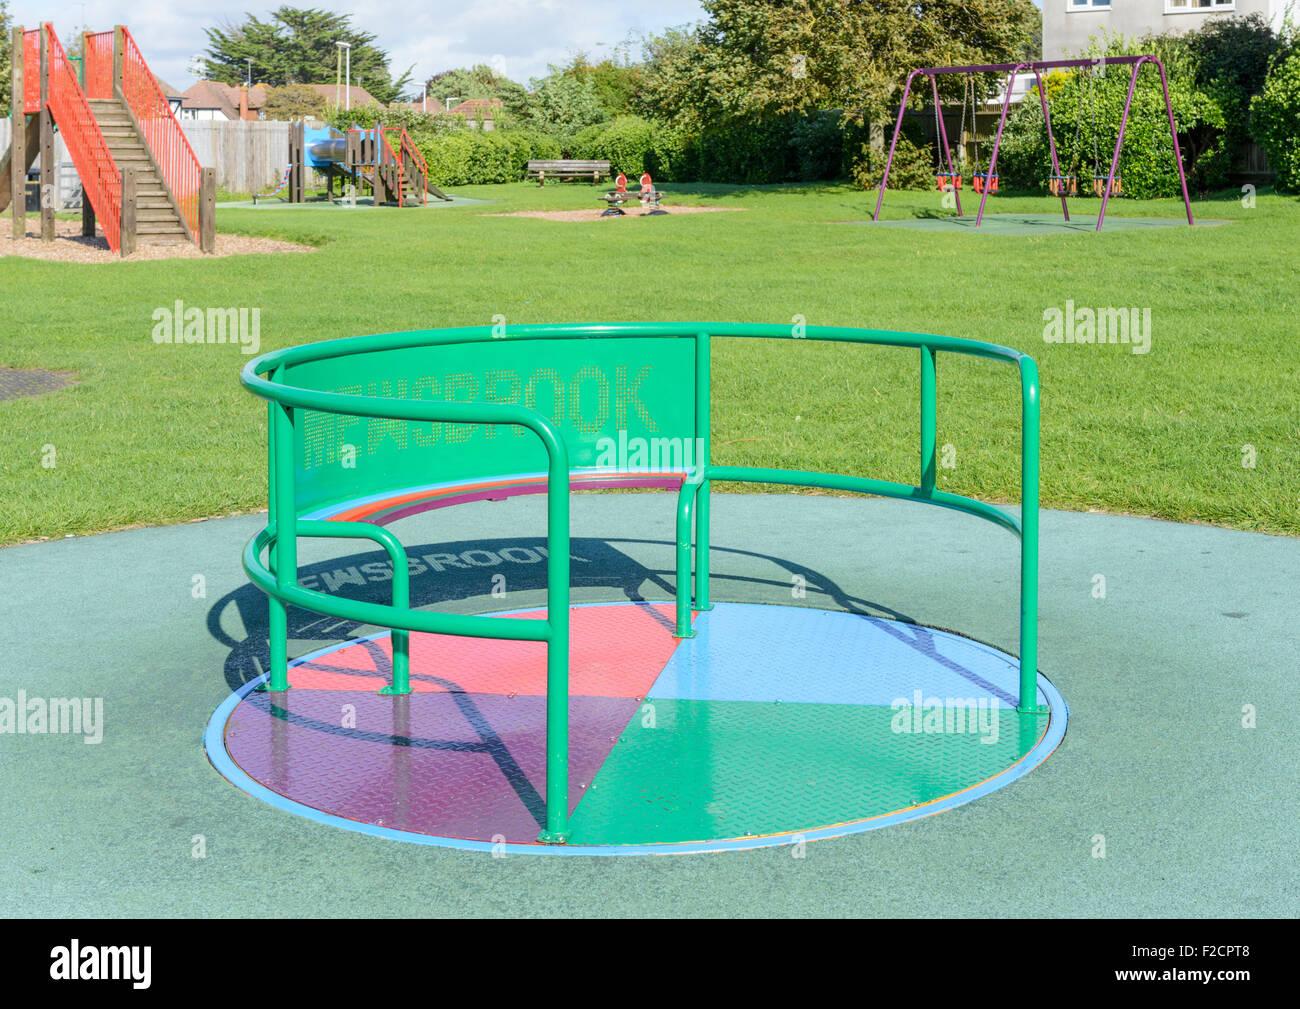 Spiro Tourbillon rond-point du jeu pour enfants dans un parc. Photo Stock